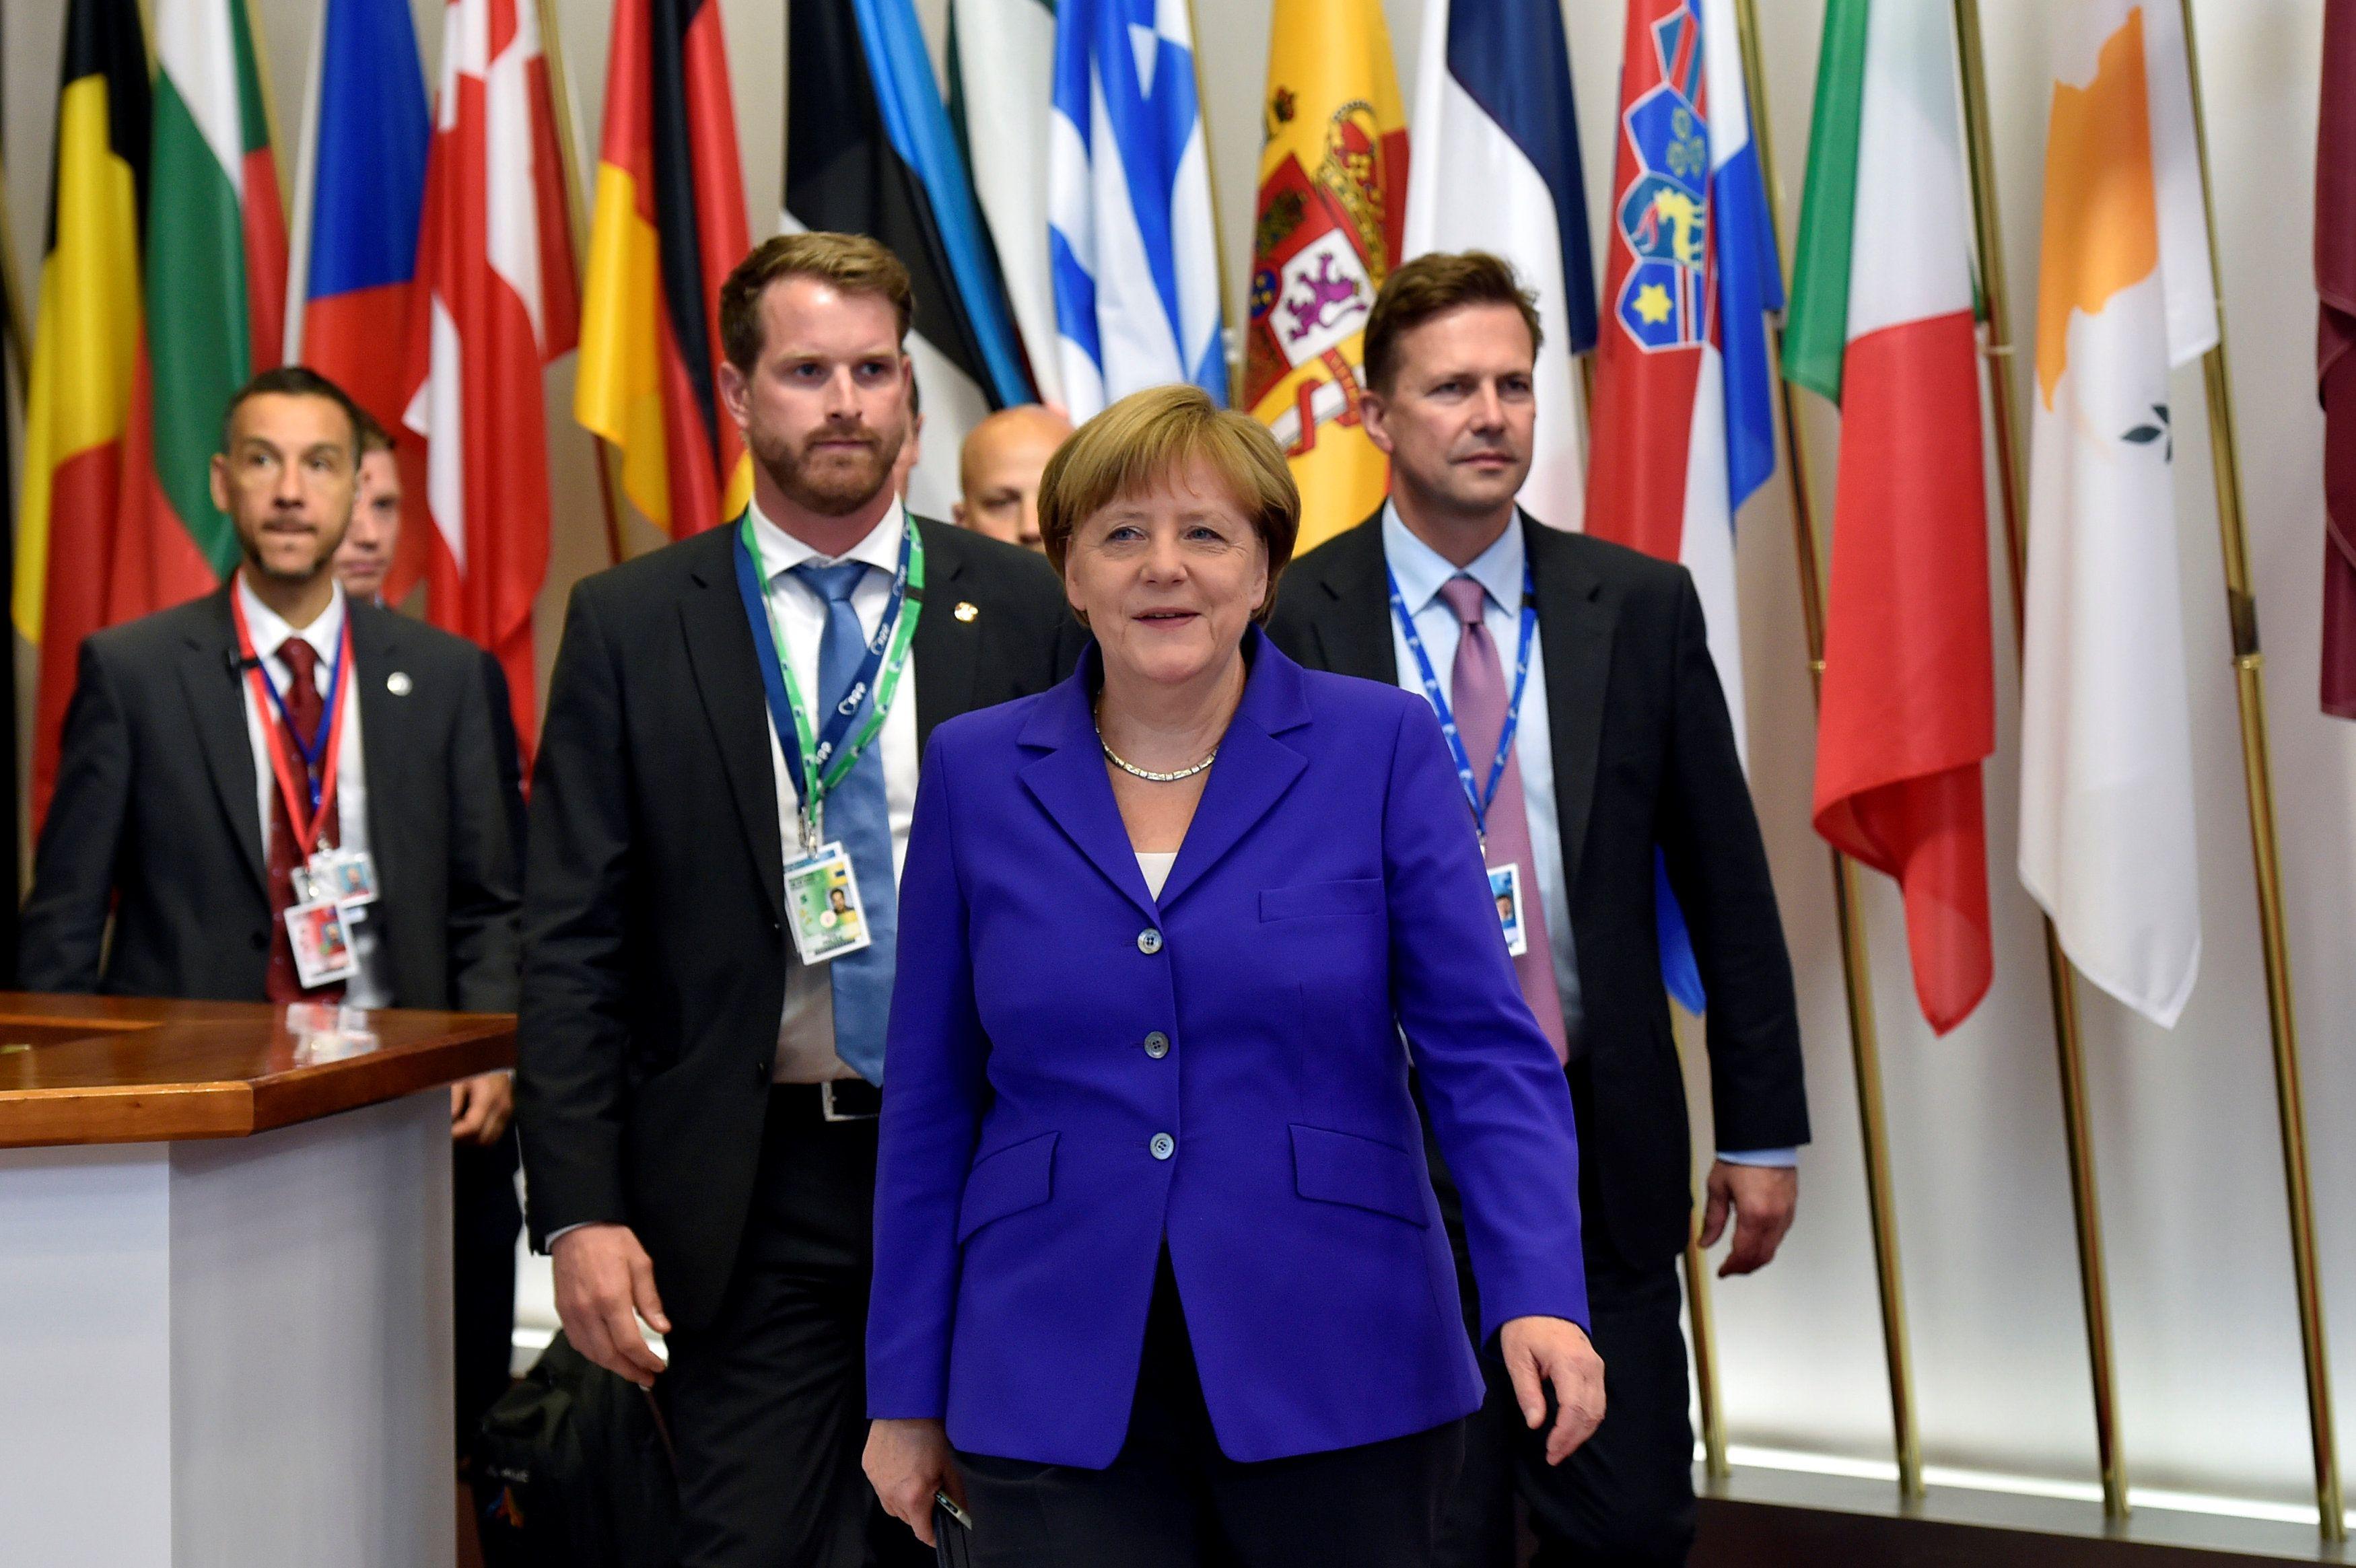 Лидеры стран Евросоюза на саммите в Брюсселе.